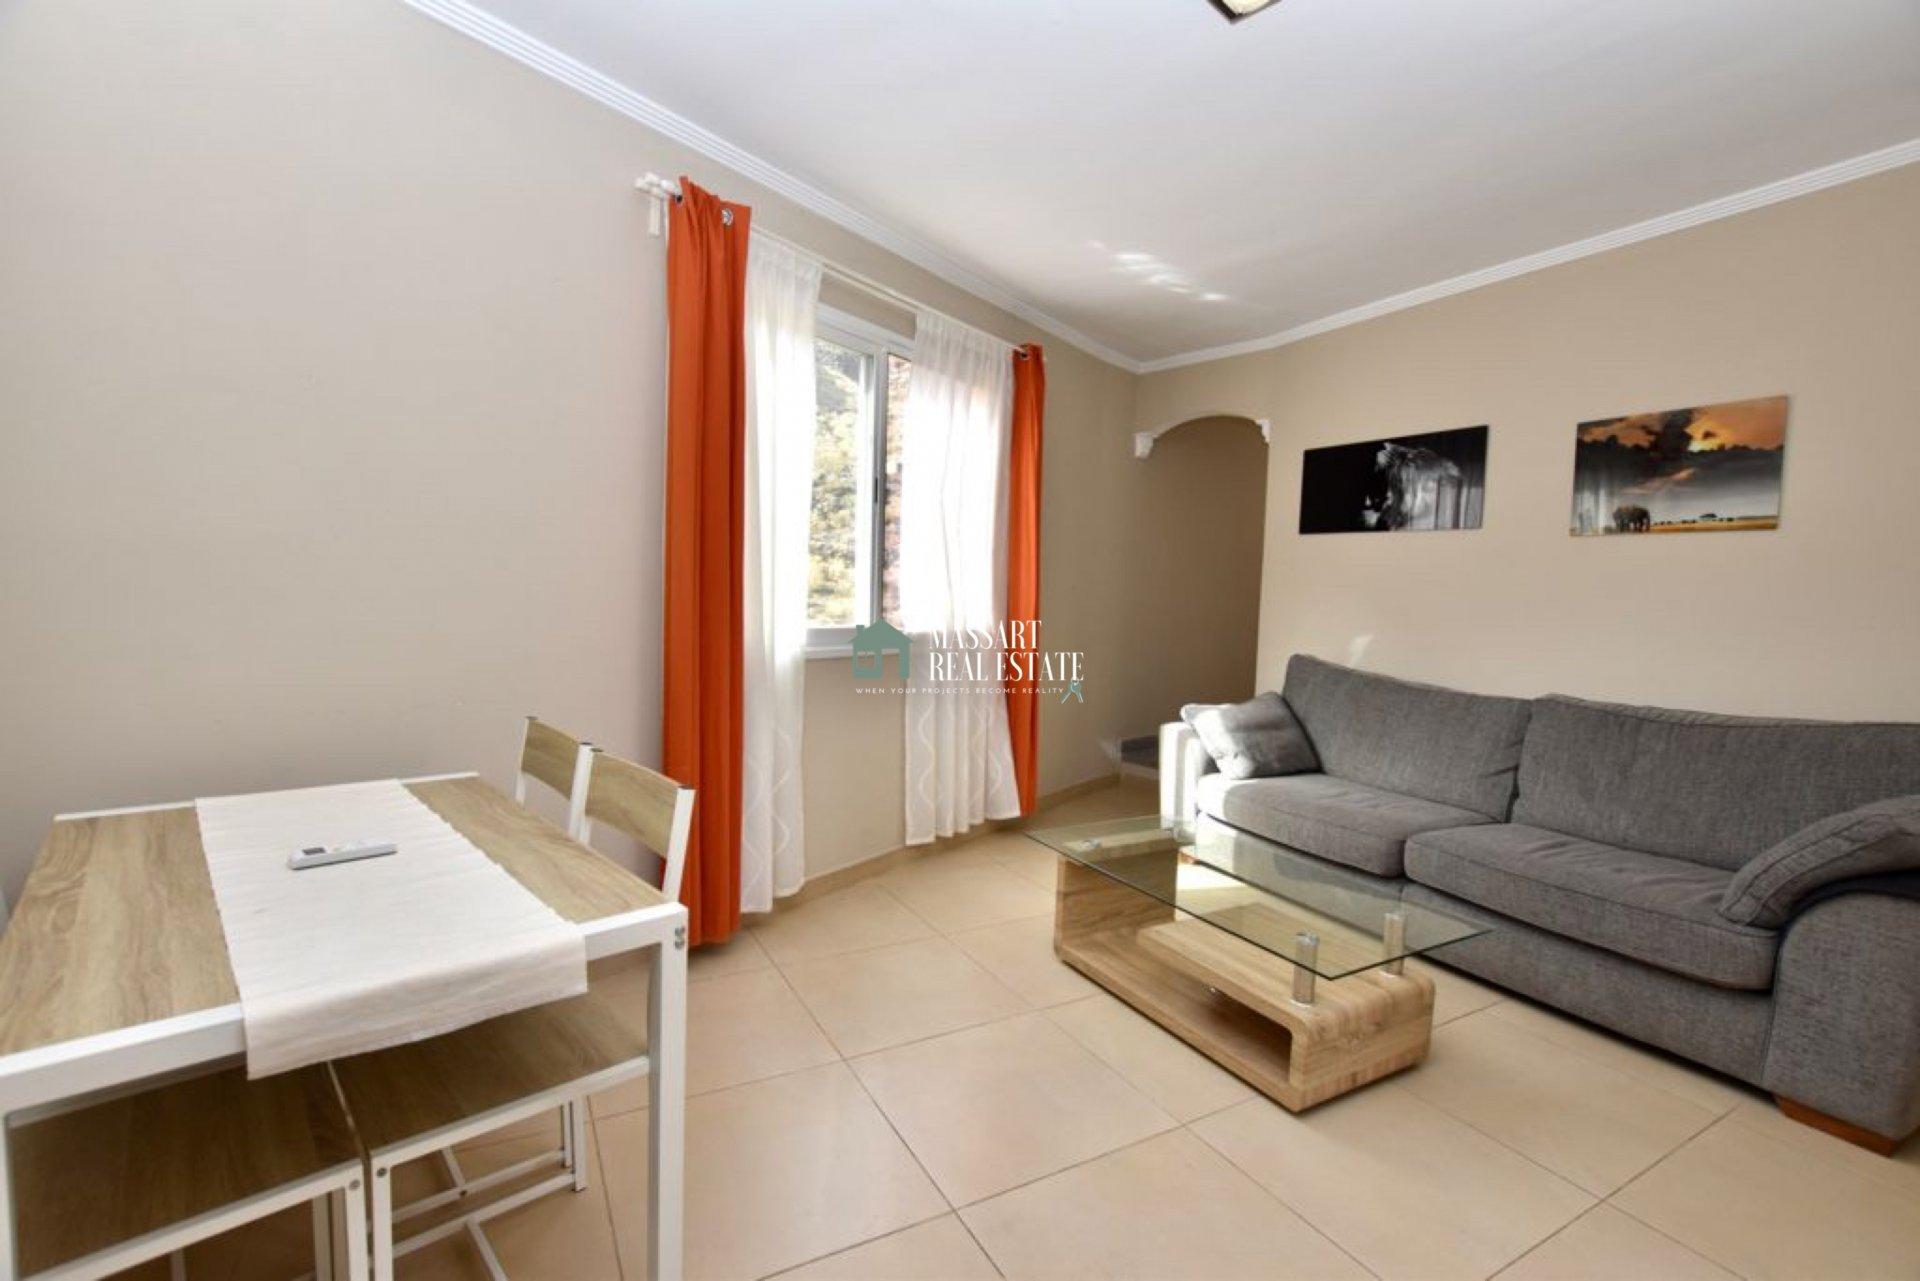 Casa di 75 m2 situata in una tenuta privata a Tamaimo, caratterizzata da un'attrezzatura completa e finiture di alta qualità.